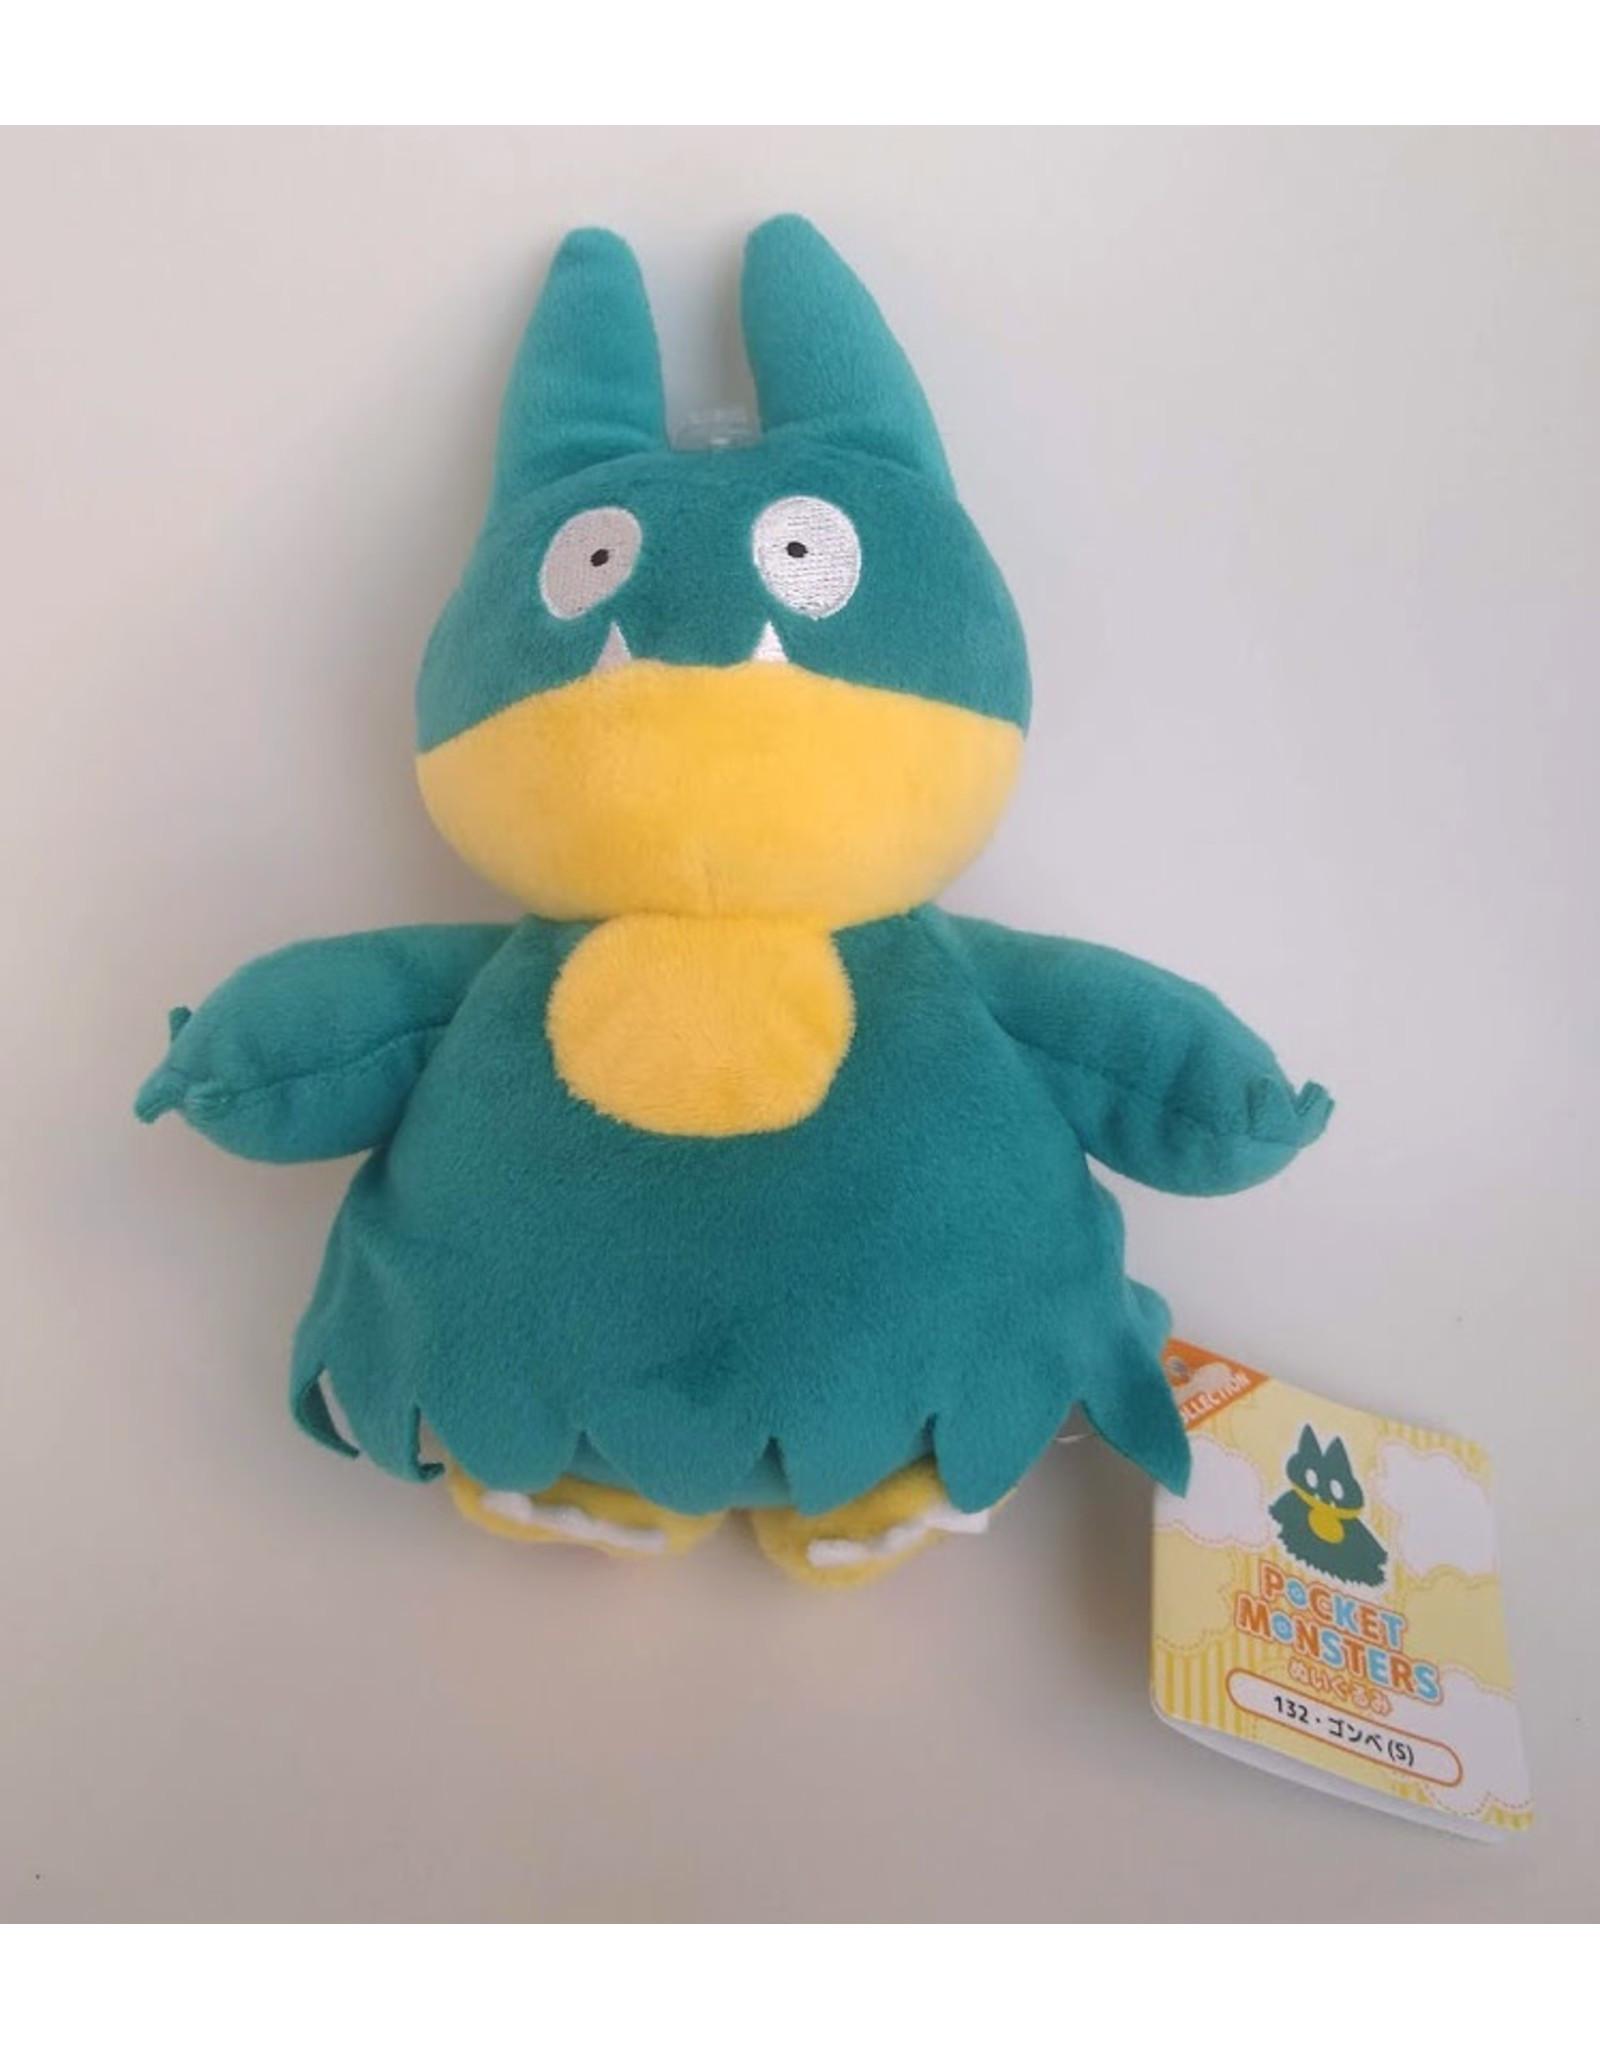 Munchlax - Pokemon Plushie - 19cm (Japanese import)